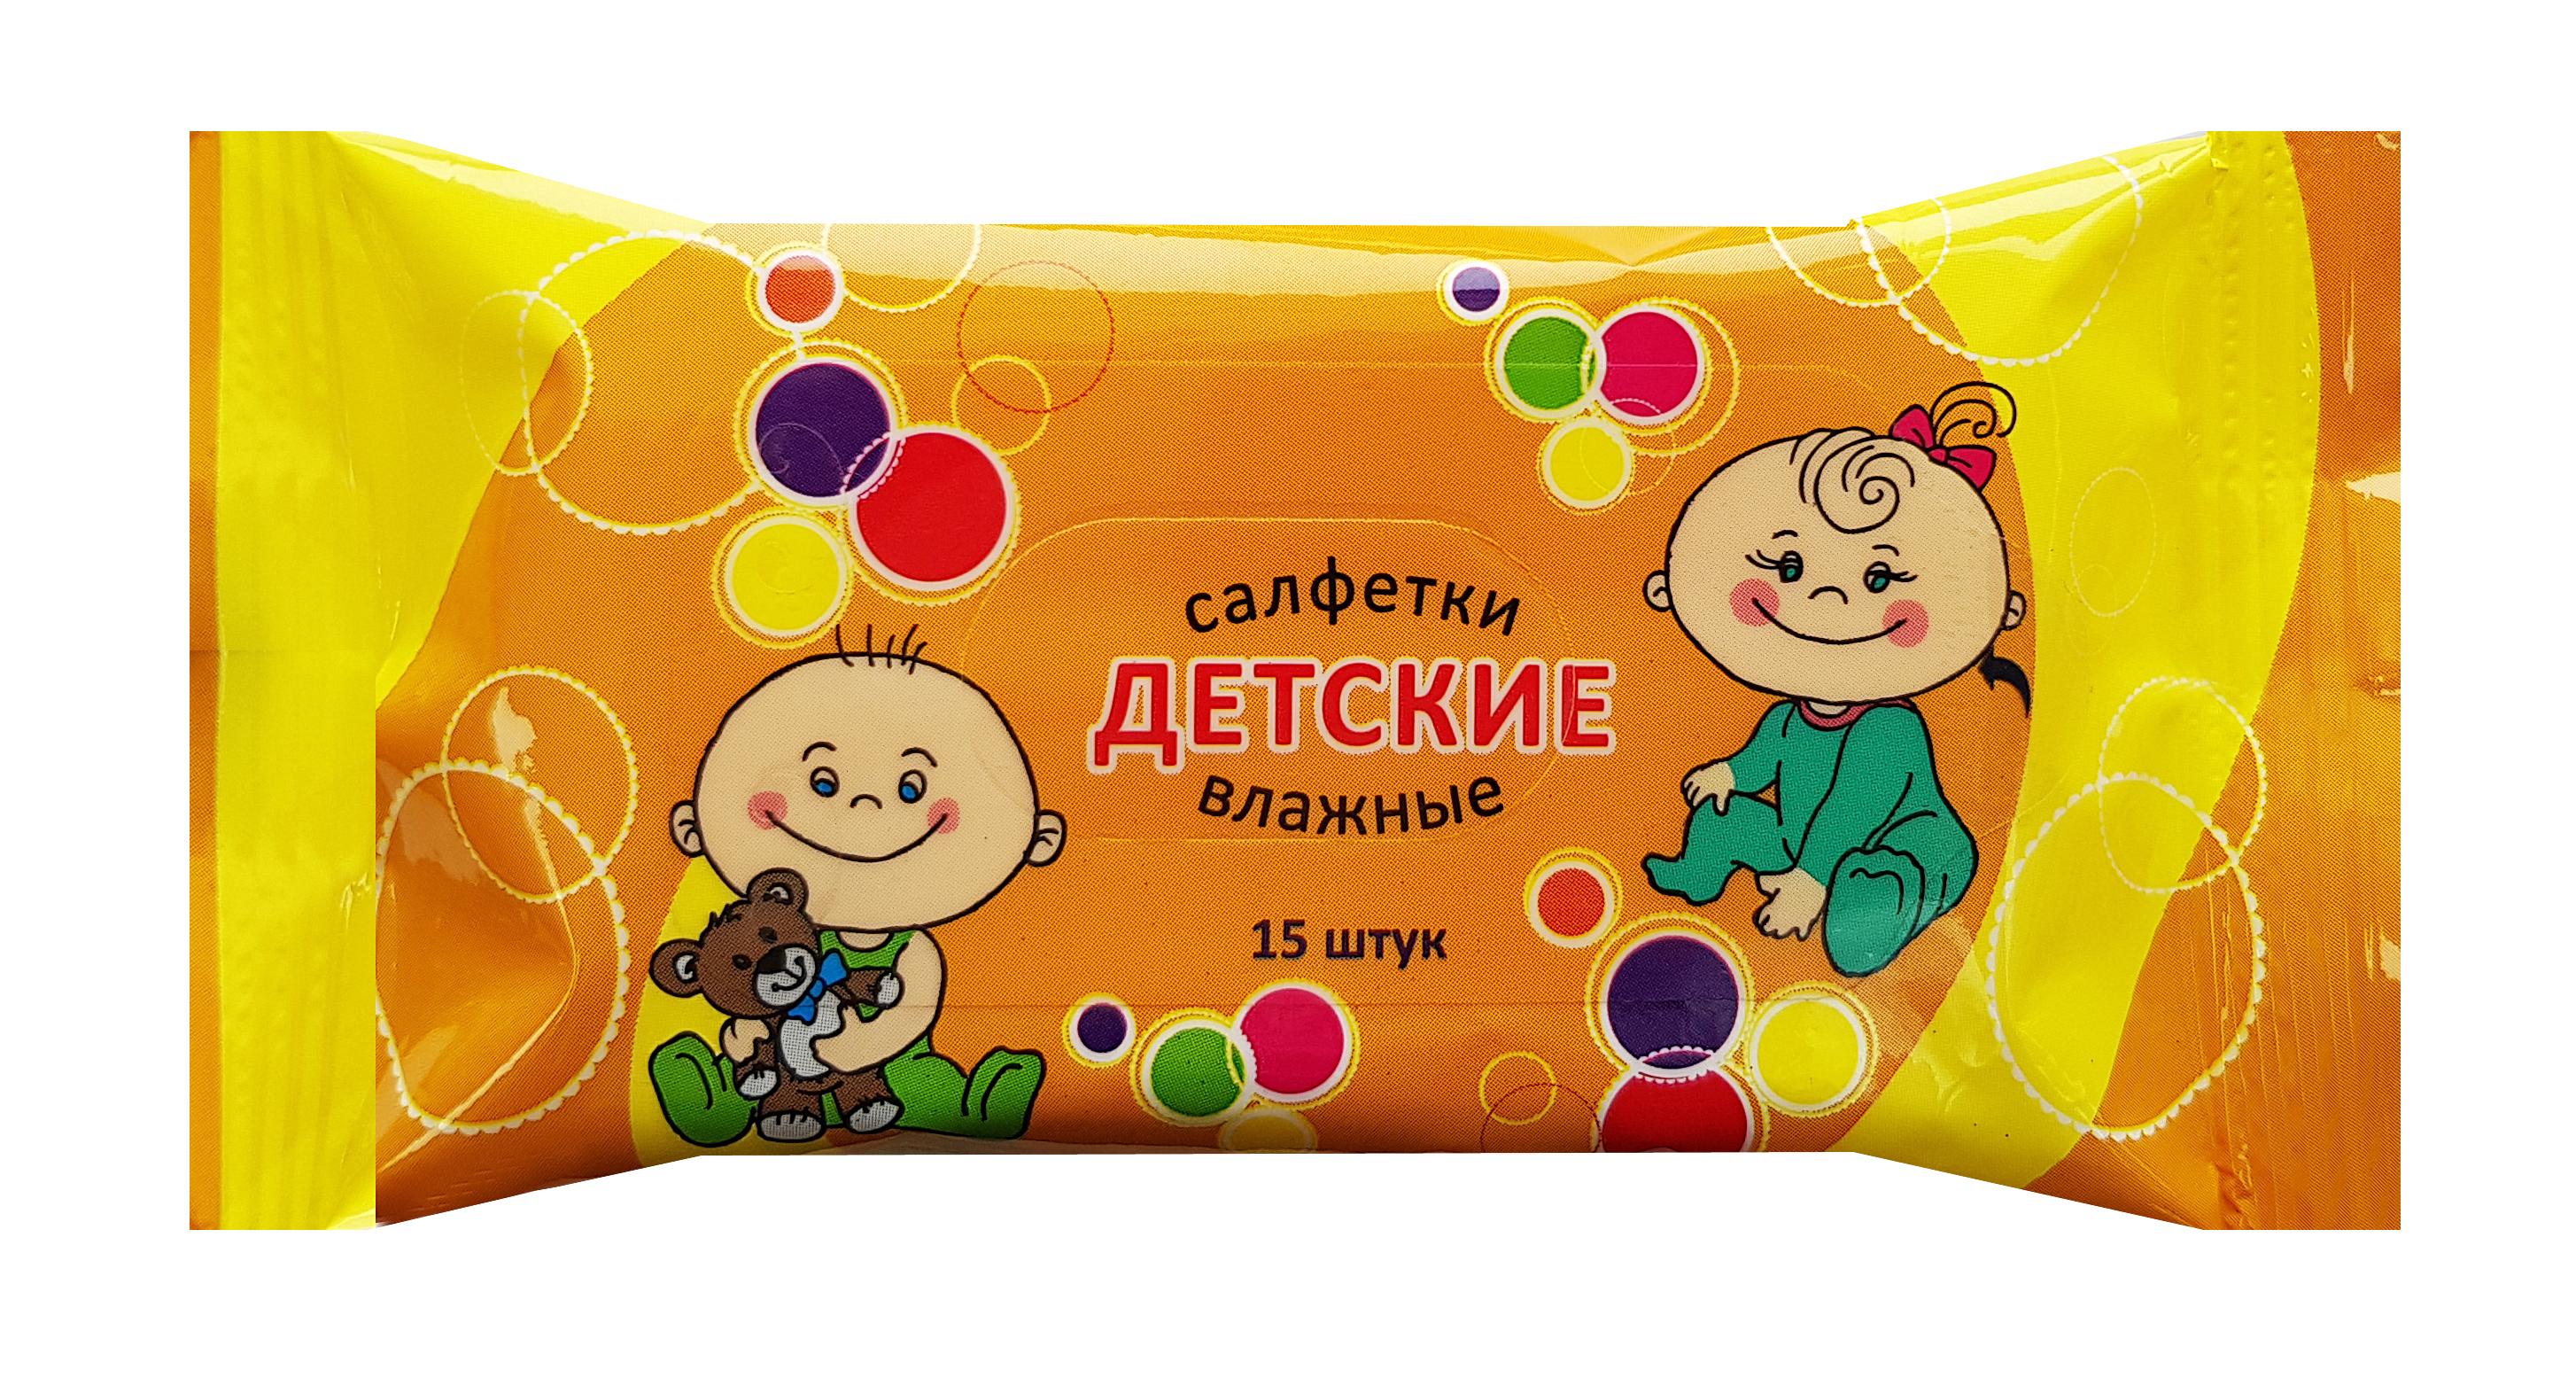 Салфетки влажные детские N15